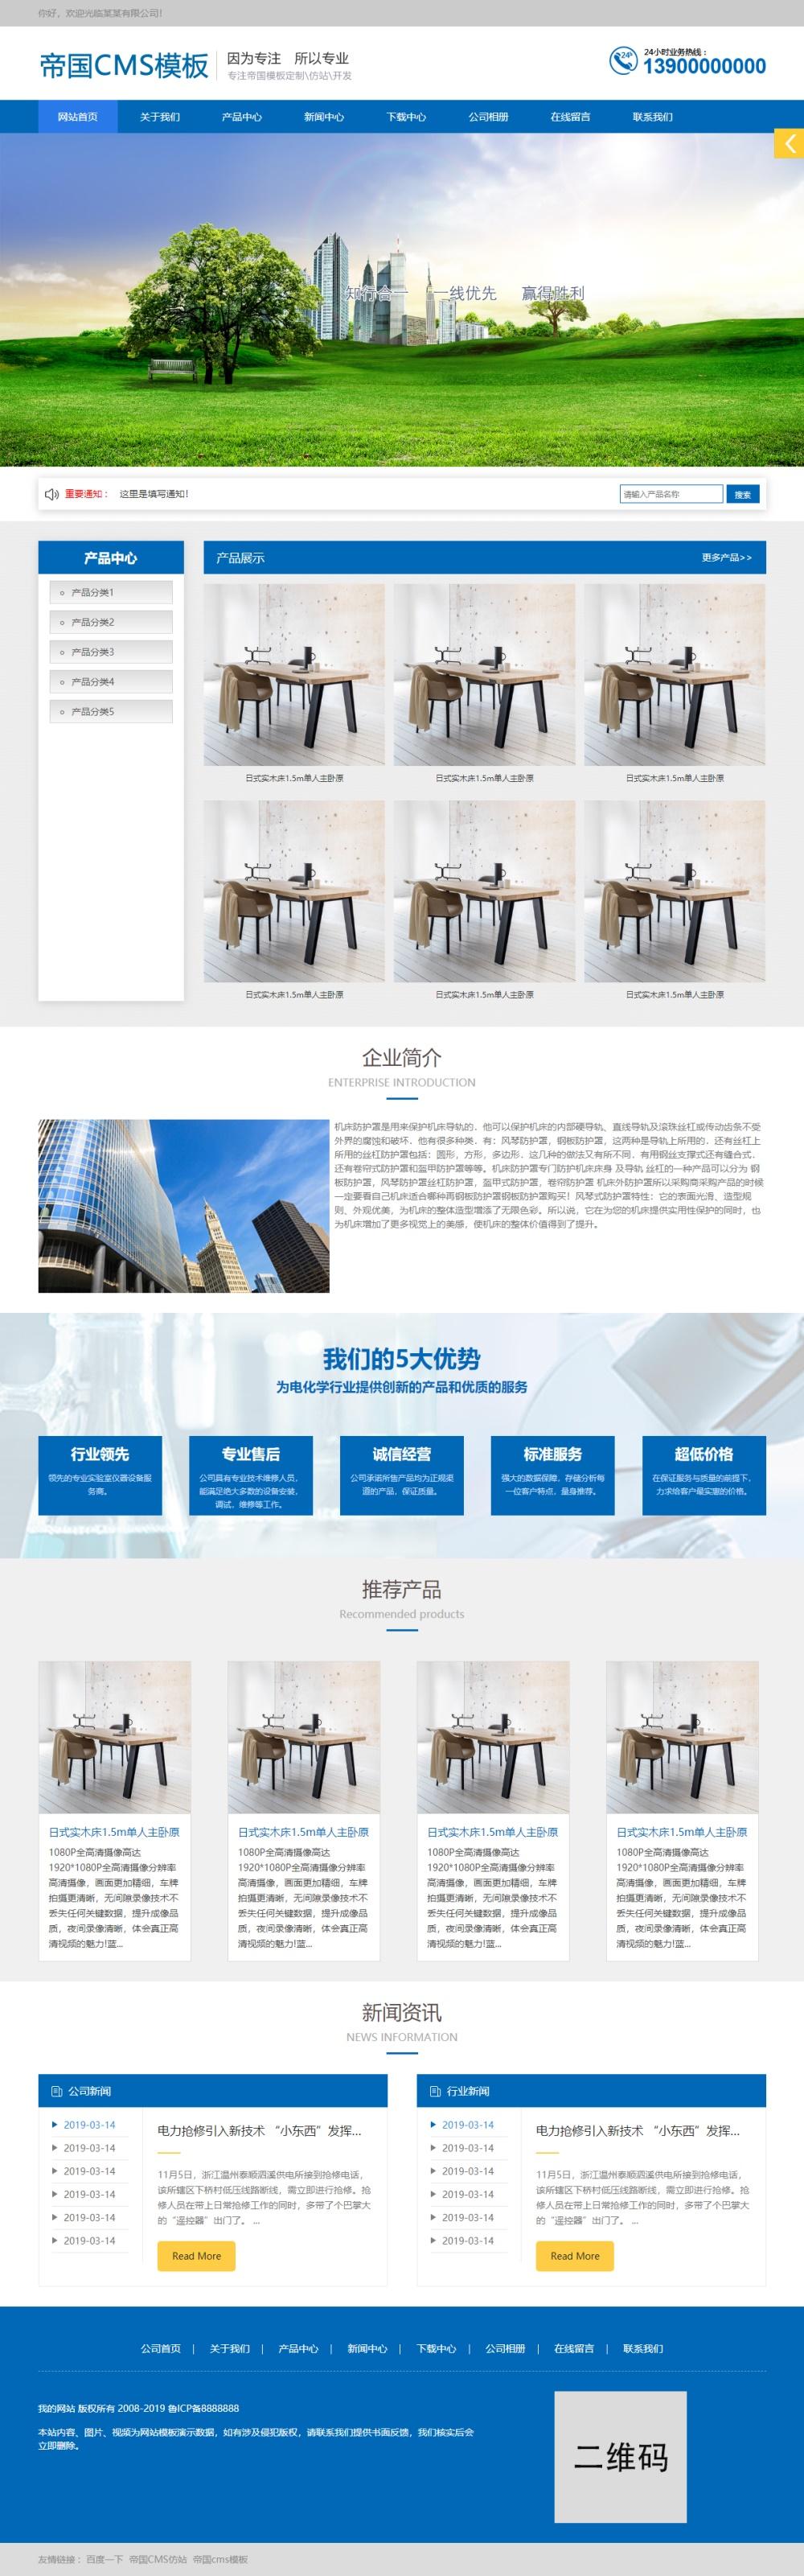 帝国cms蓝色响应式自适应手机版通用企业公司网站模板_首页